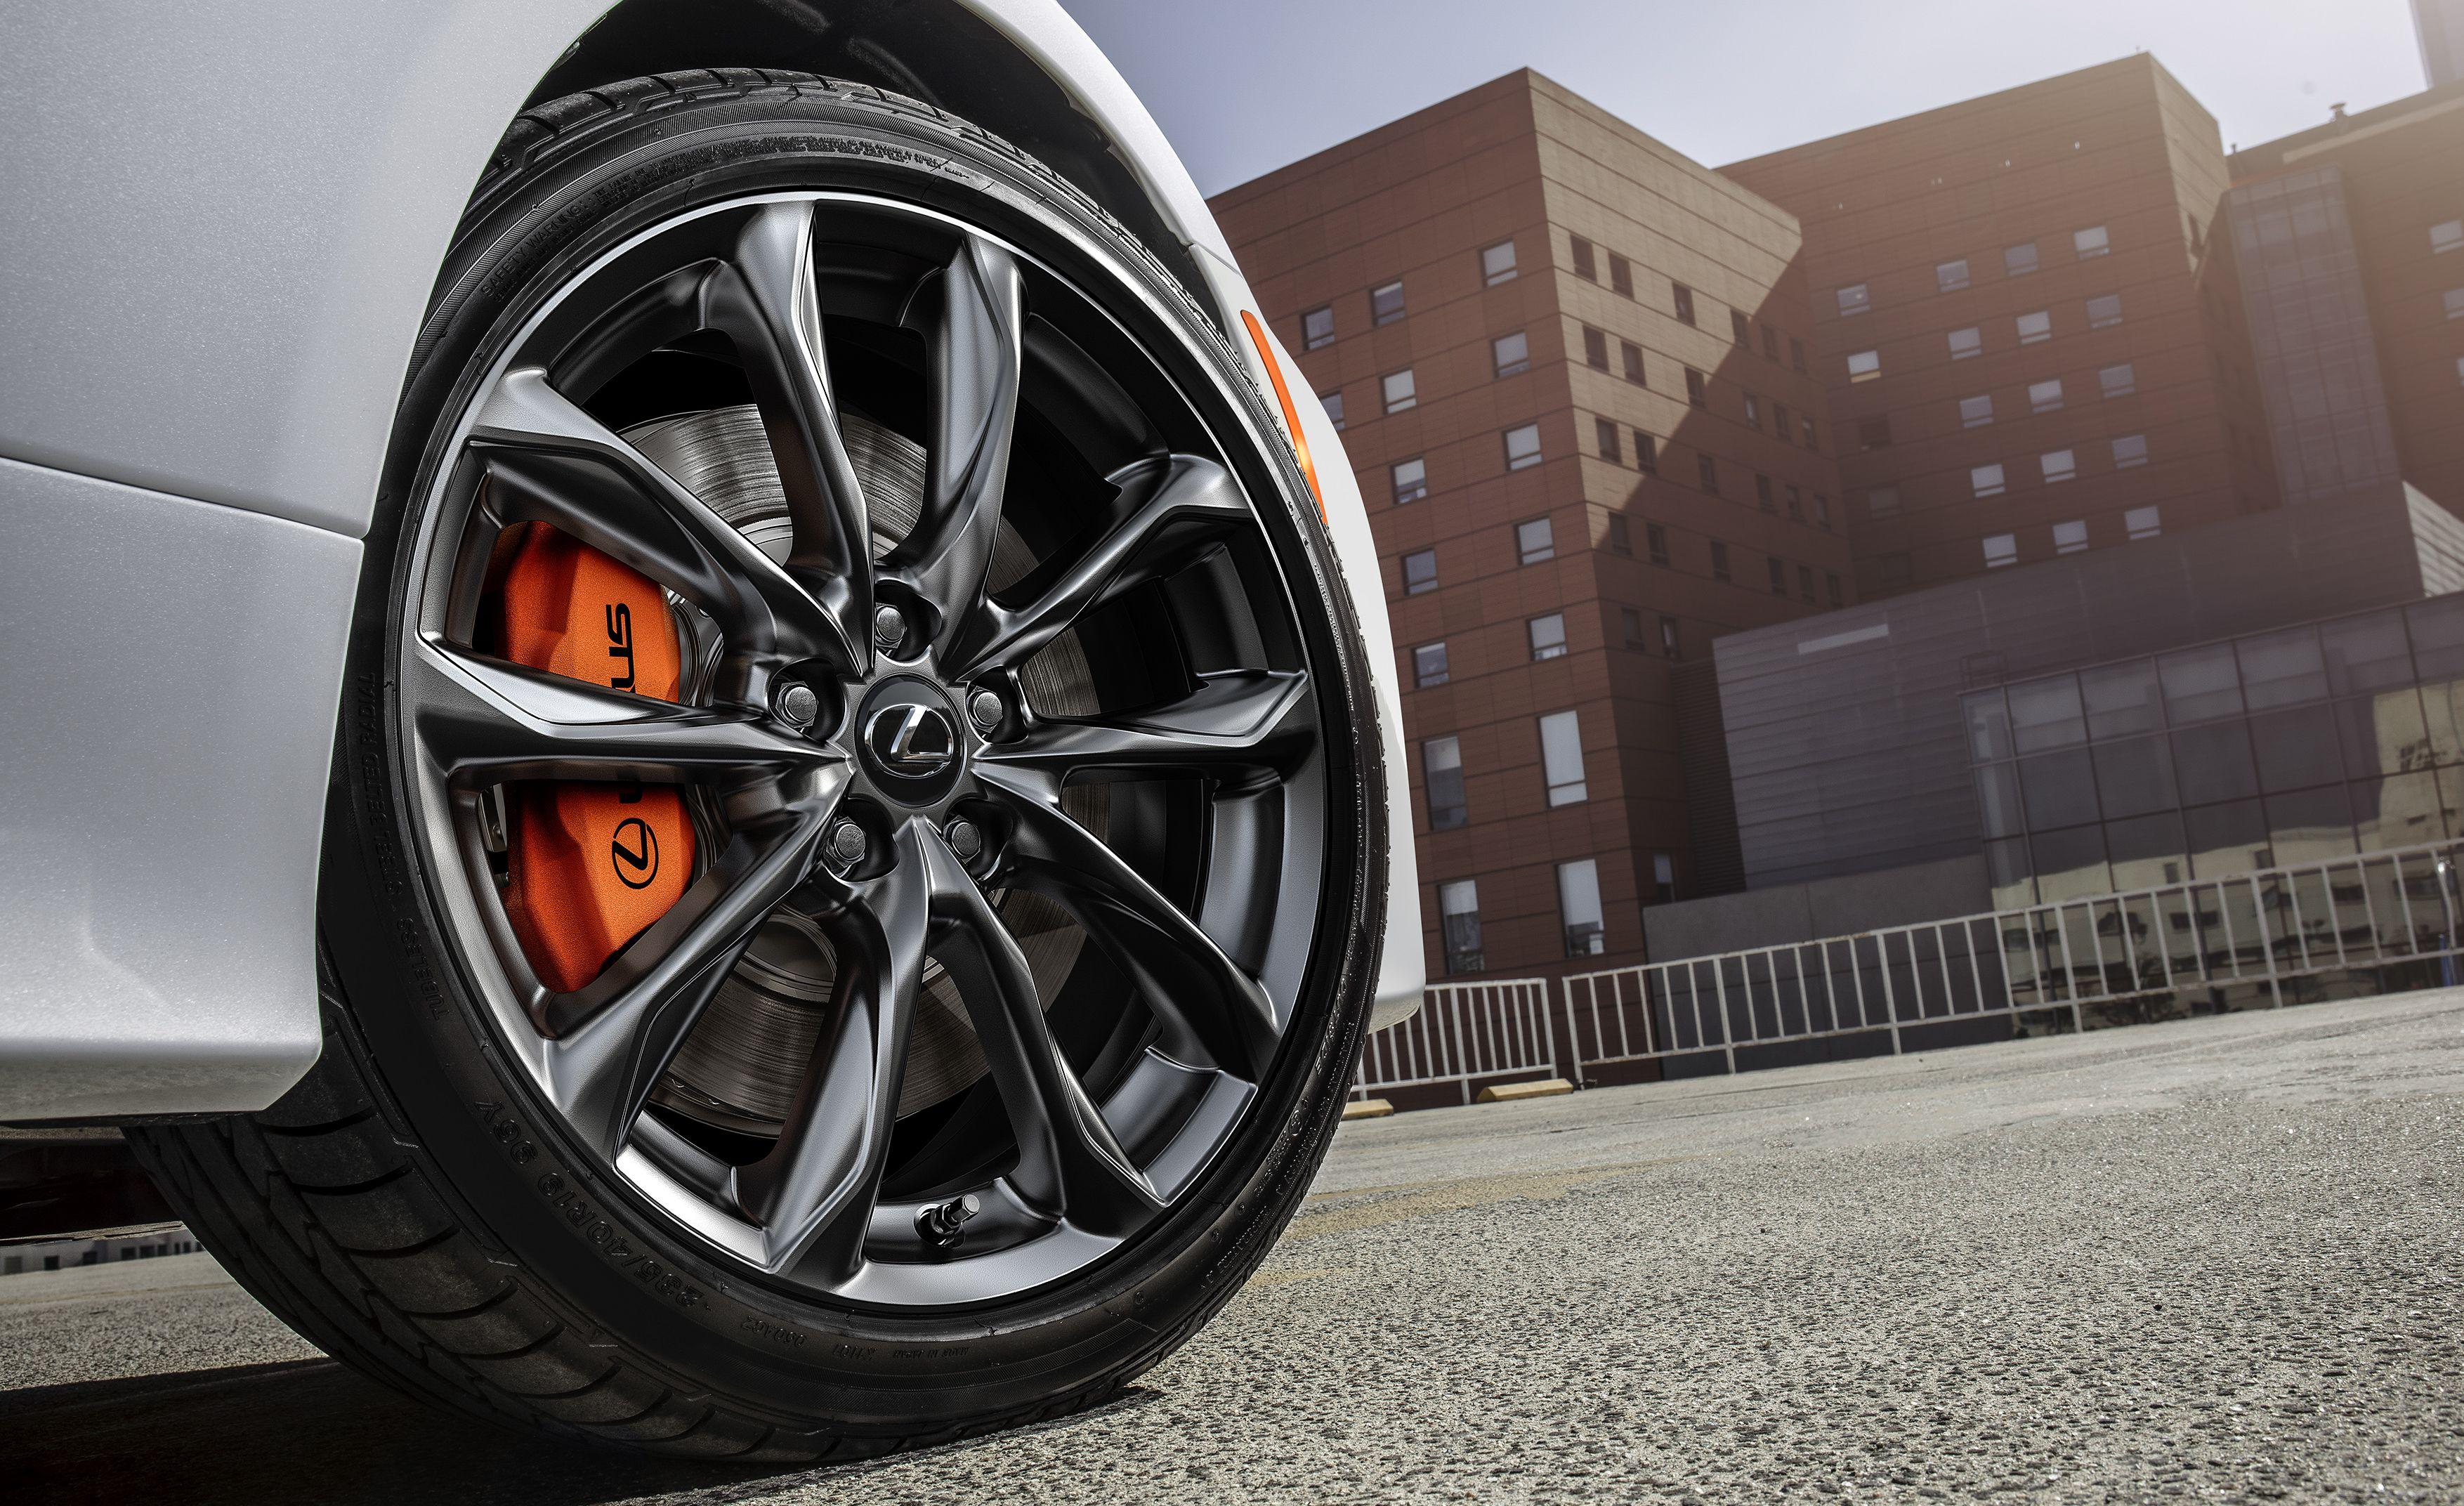 2019 Lexus RC Wheel Wallpapers (14)